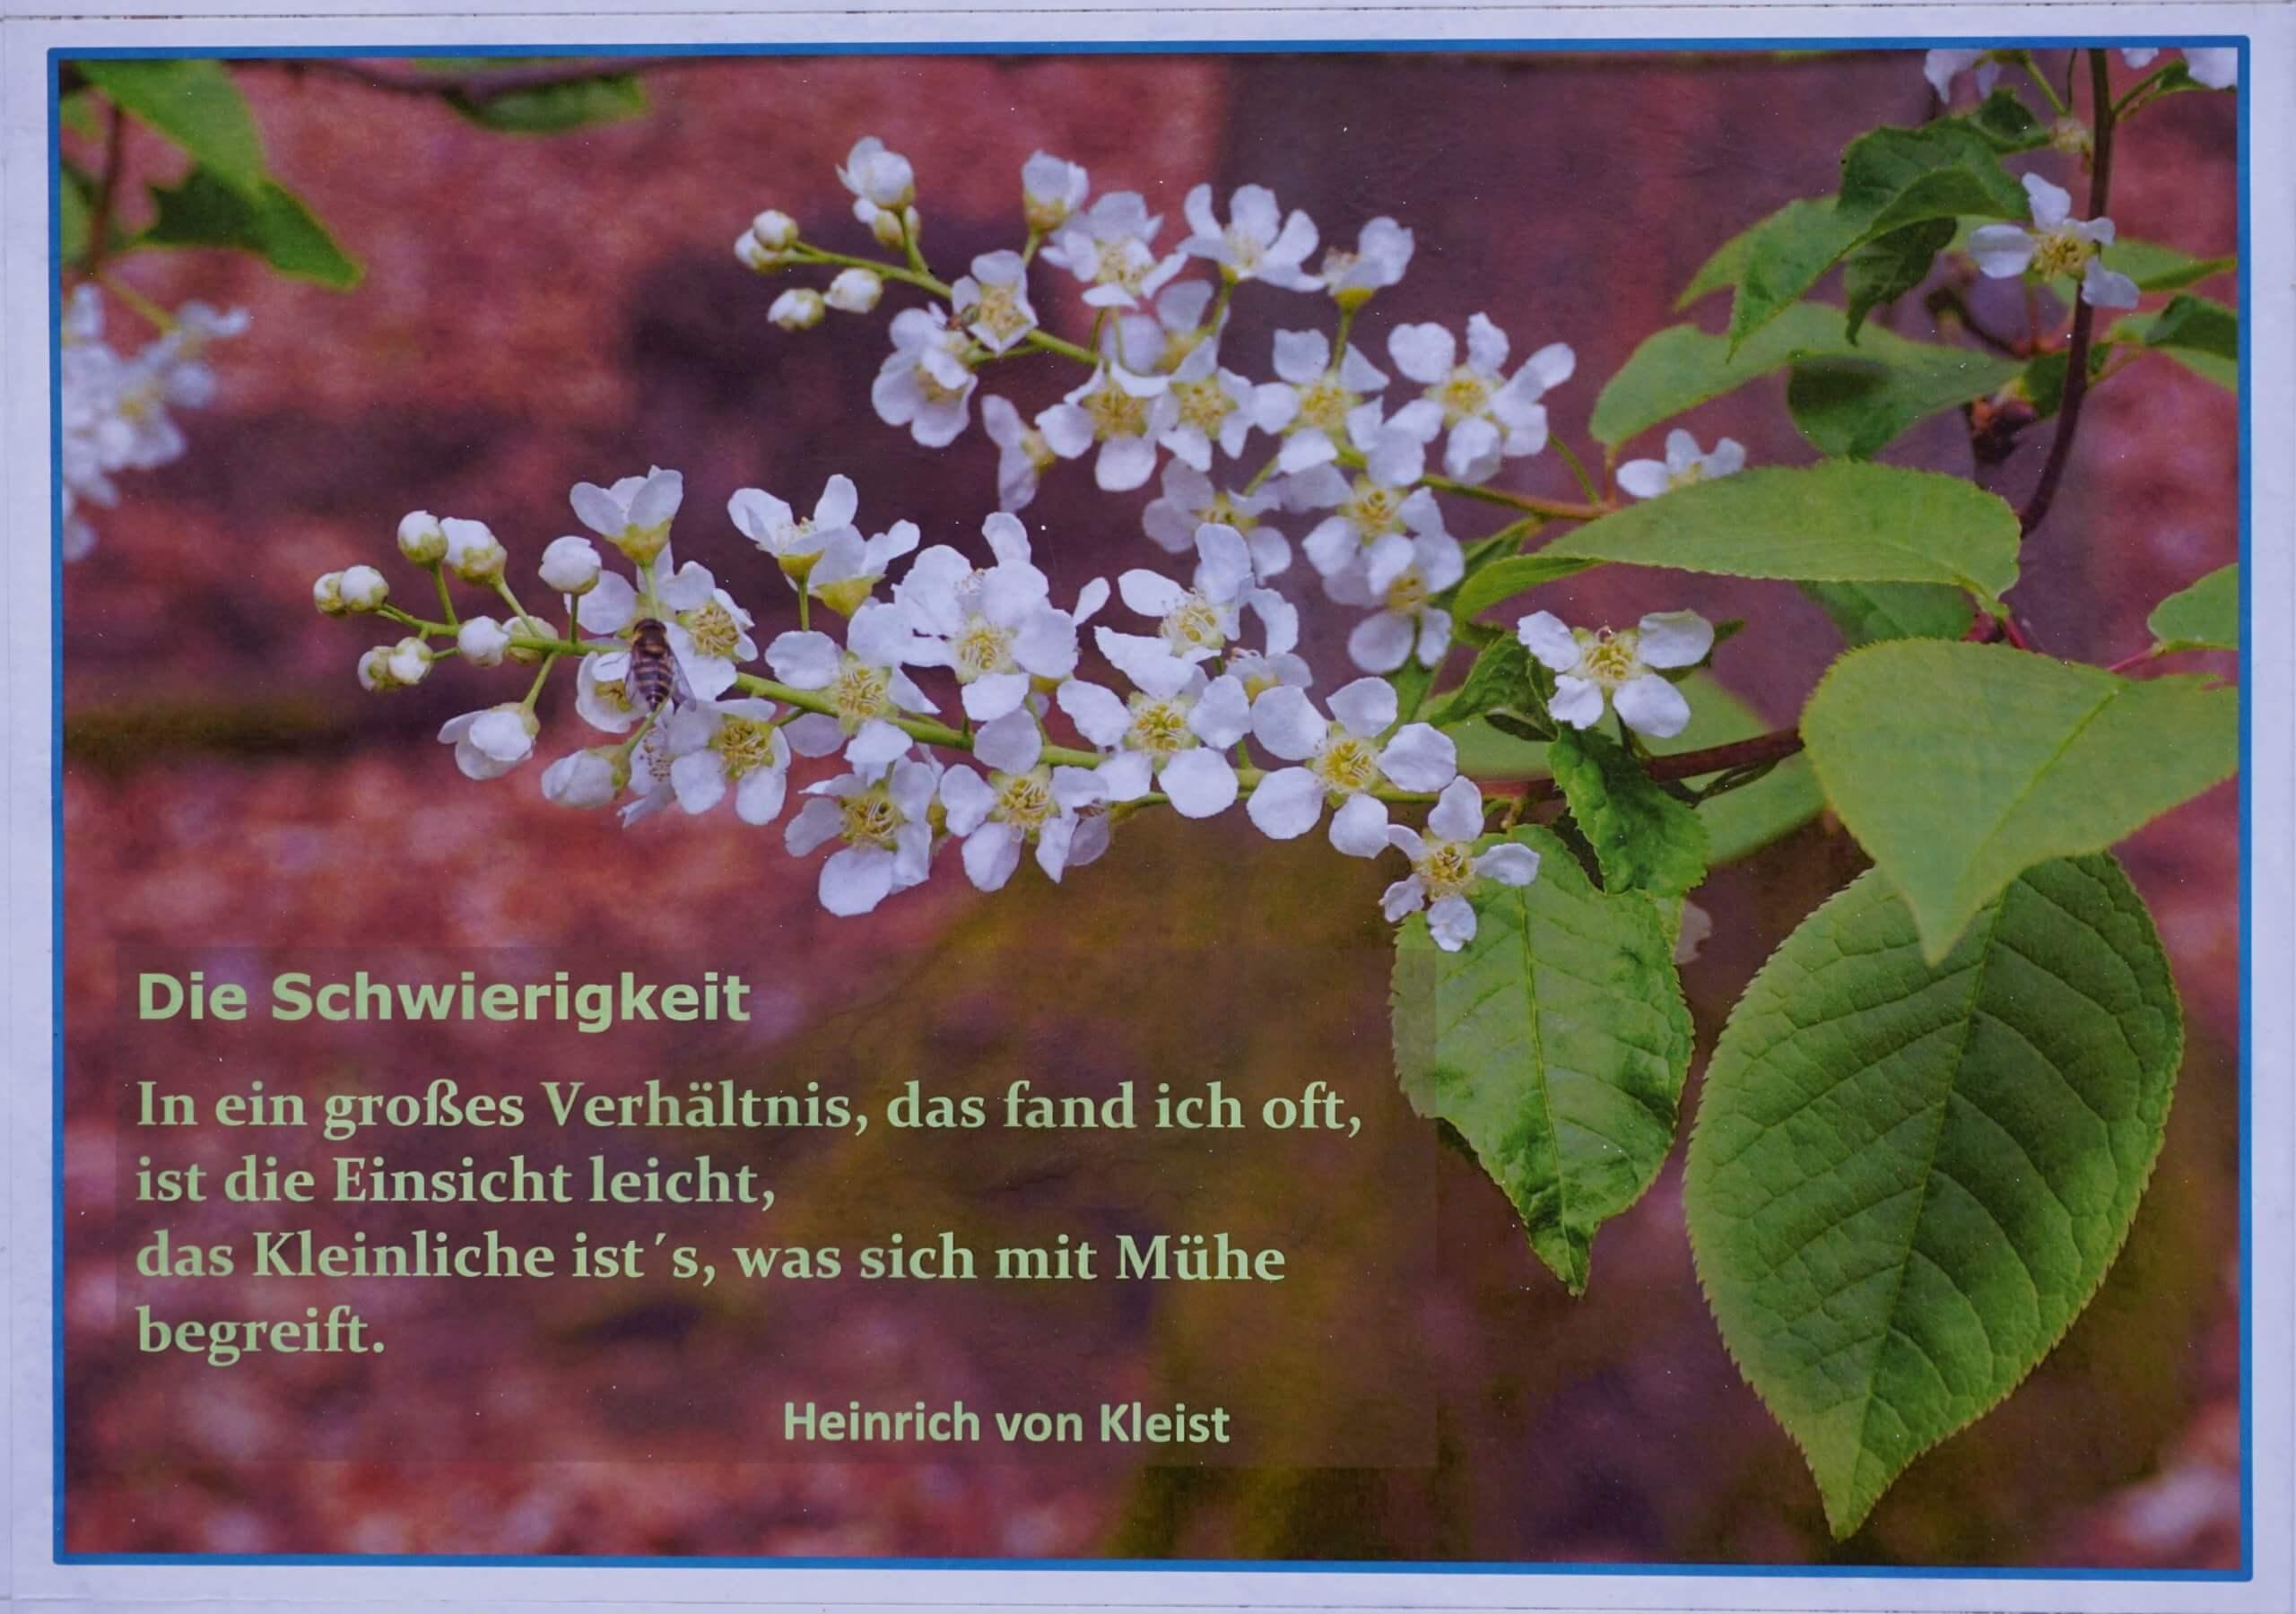 Das Bild zeigt ein Epigramm bzw. Kurzgedicht von Heinrich von Kleist, gestaltet mit einem Blütenmotiv einer Traubenkirsche.